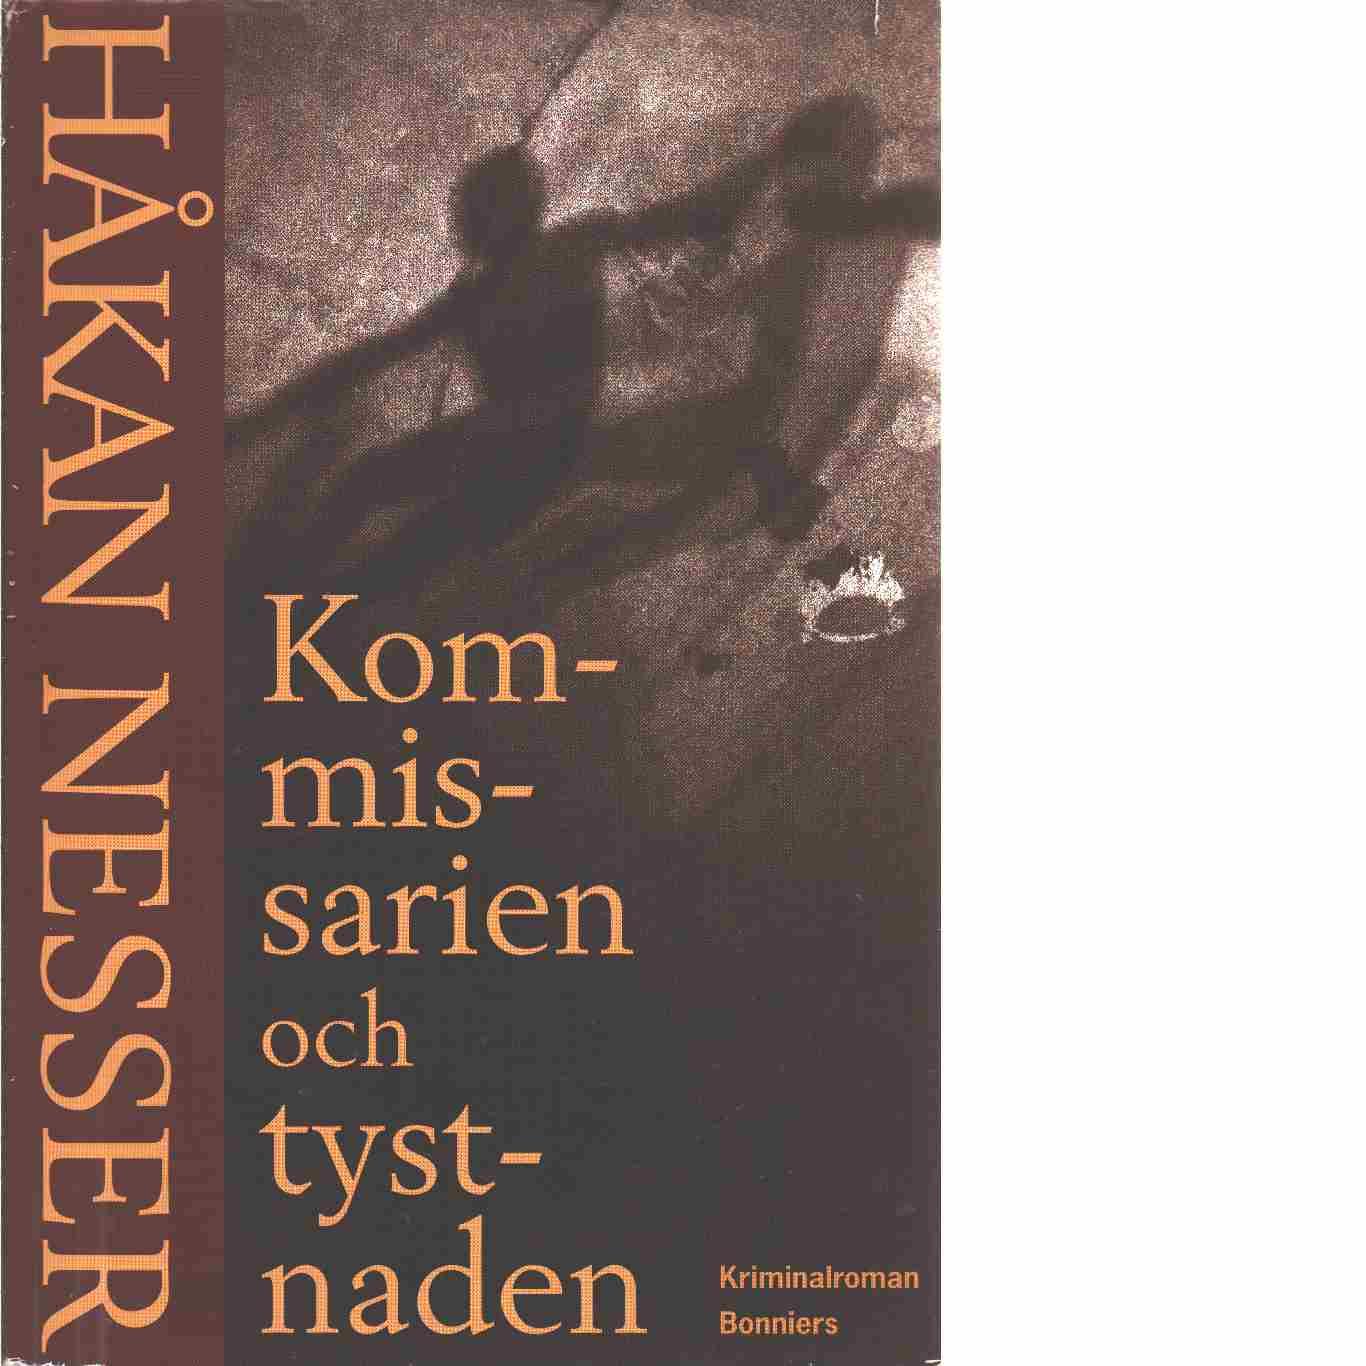 Kommissarien och tystnaden  - Nesser, Håkan